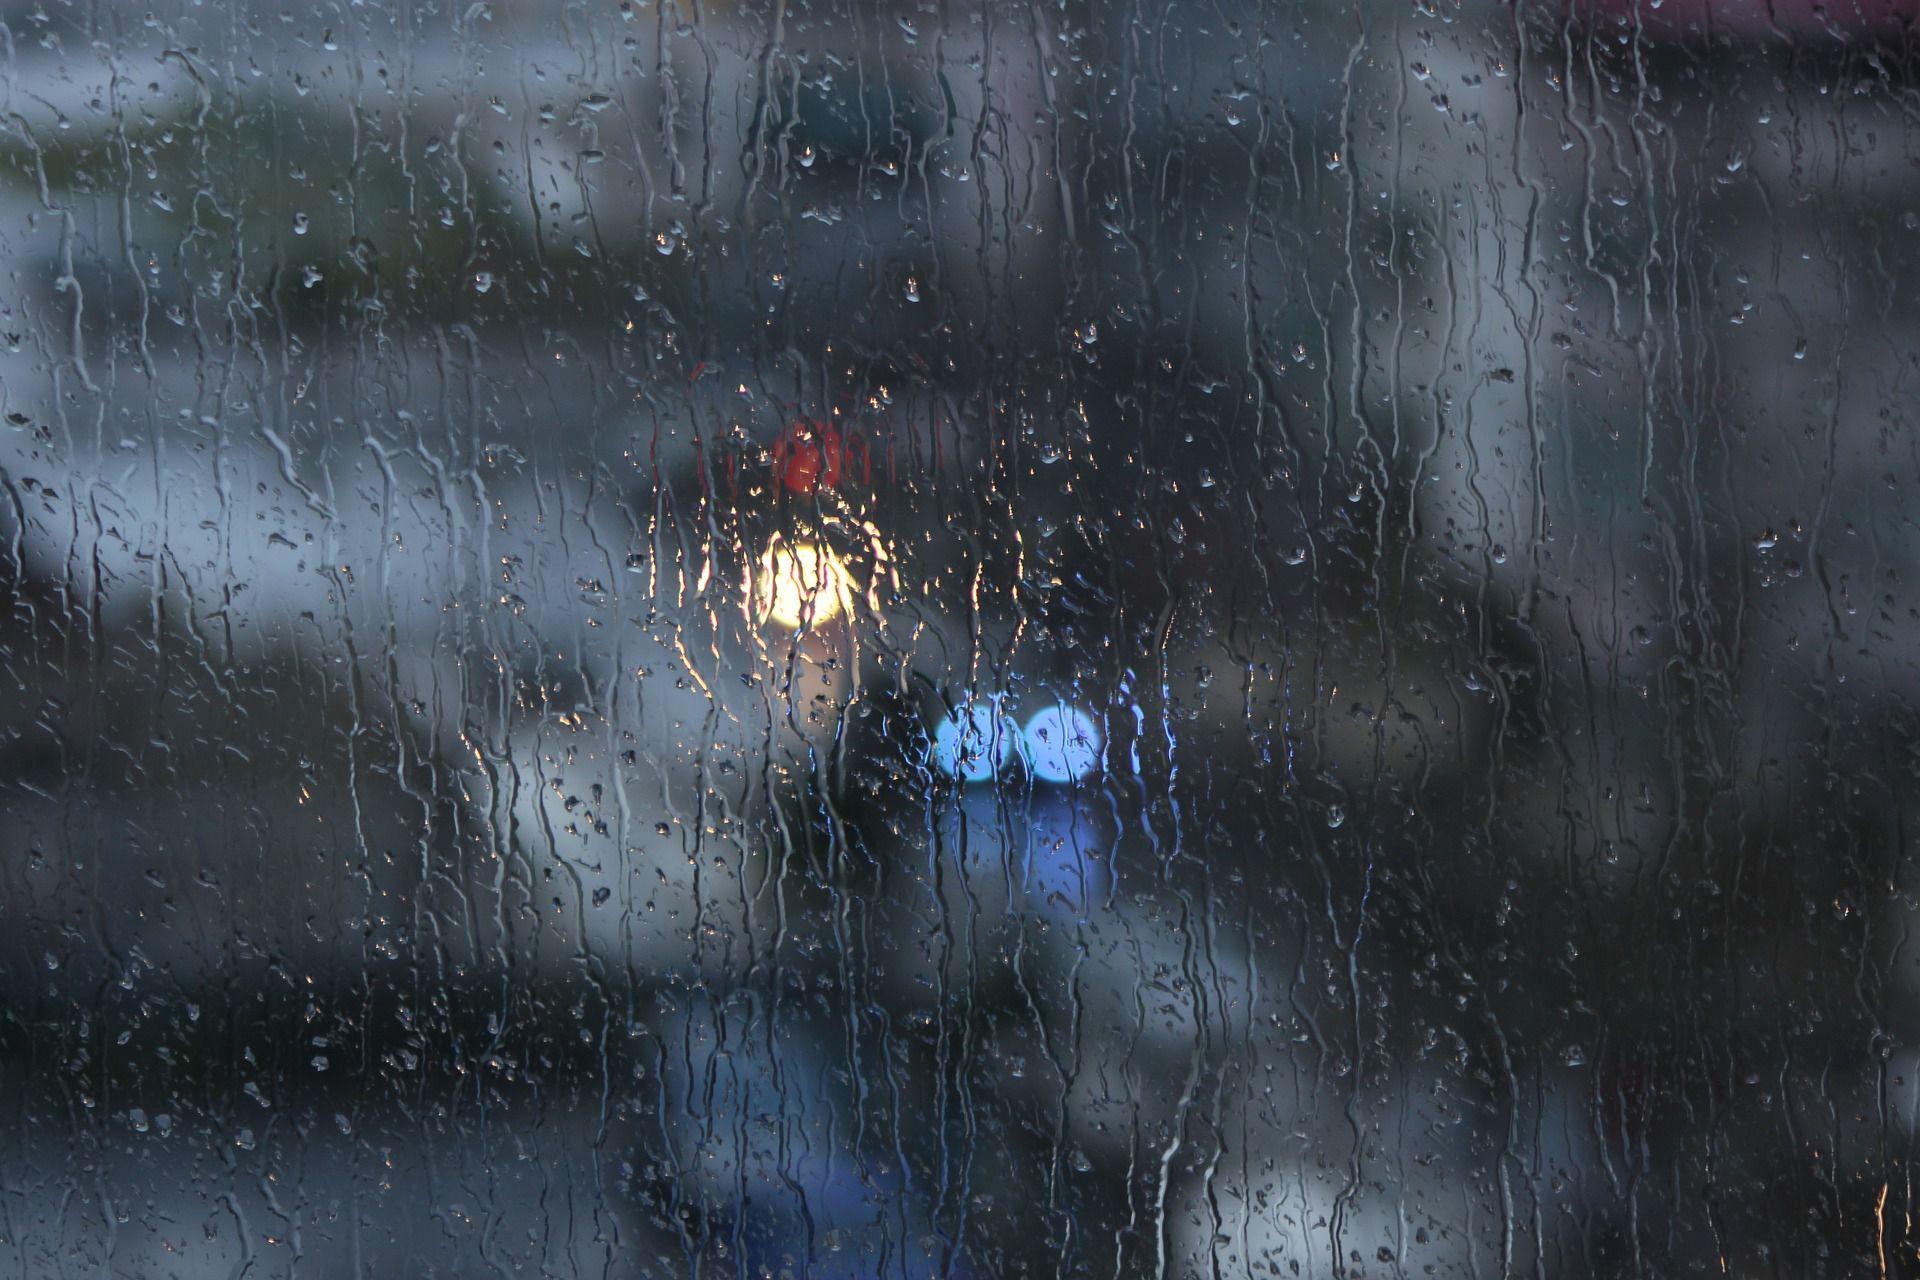 گزارشی از وضعیت آب و هوای استان ها